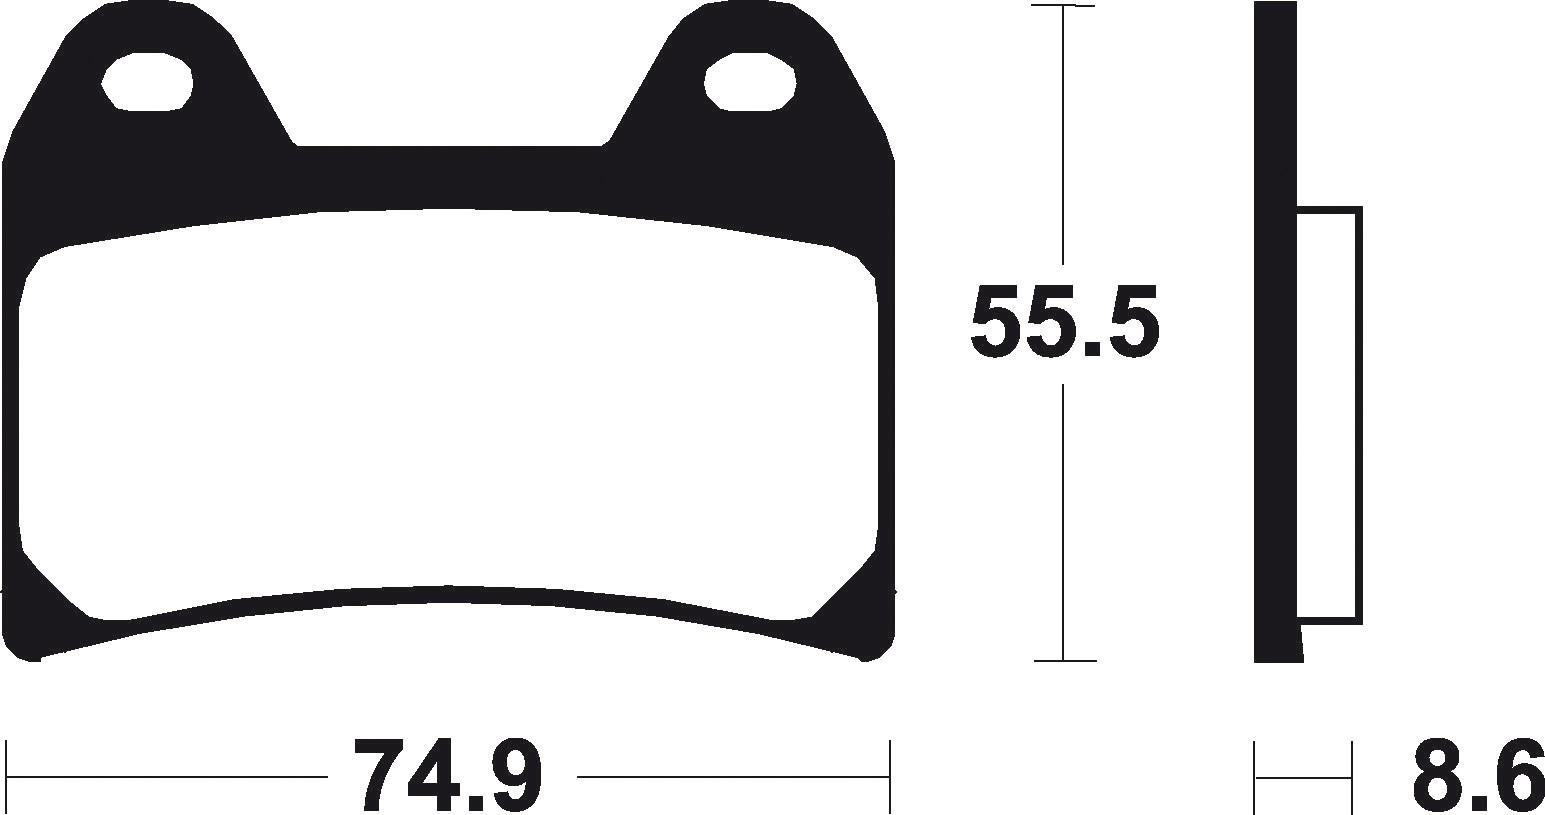 (300873) Juego Pastillas Freno KTM Duke 640 Año 03-Delanteras Bendix Organicas E